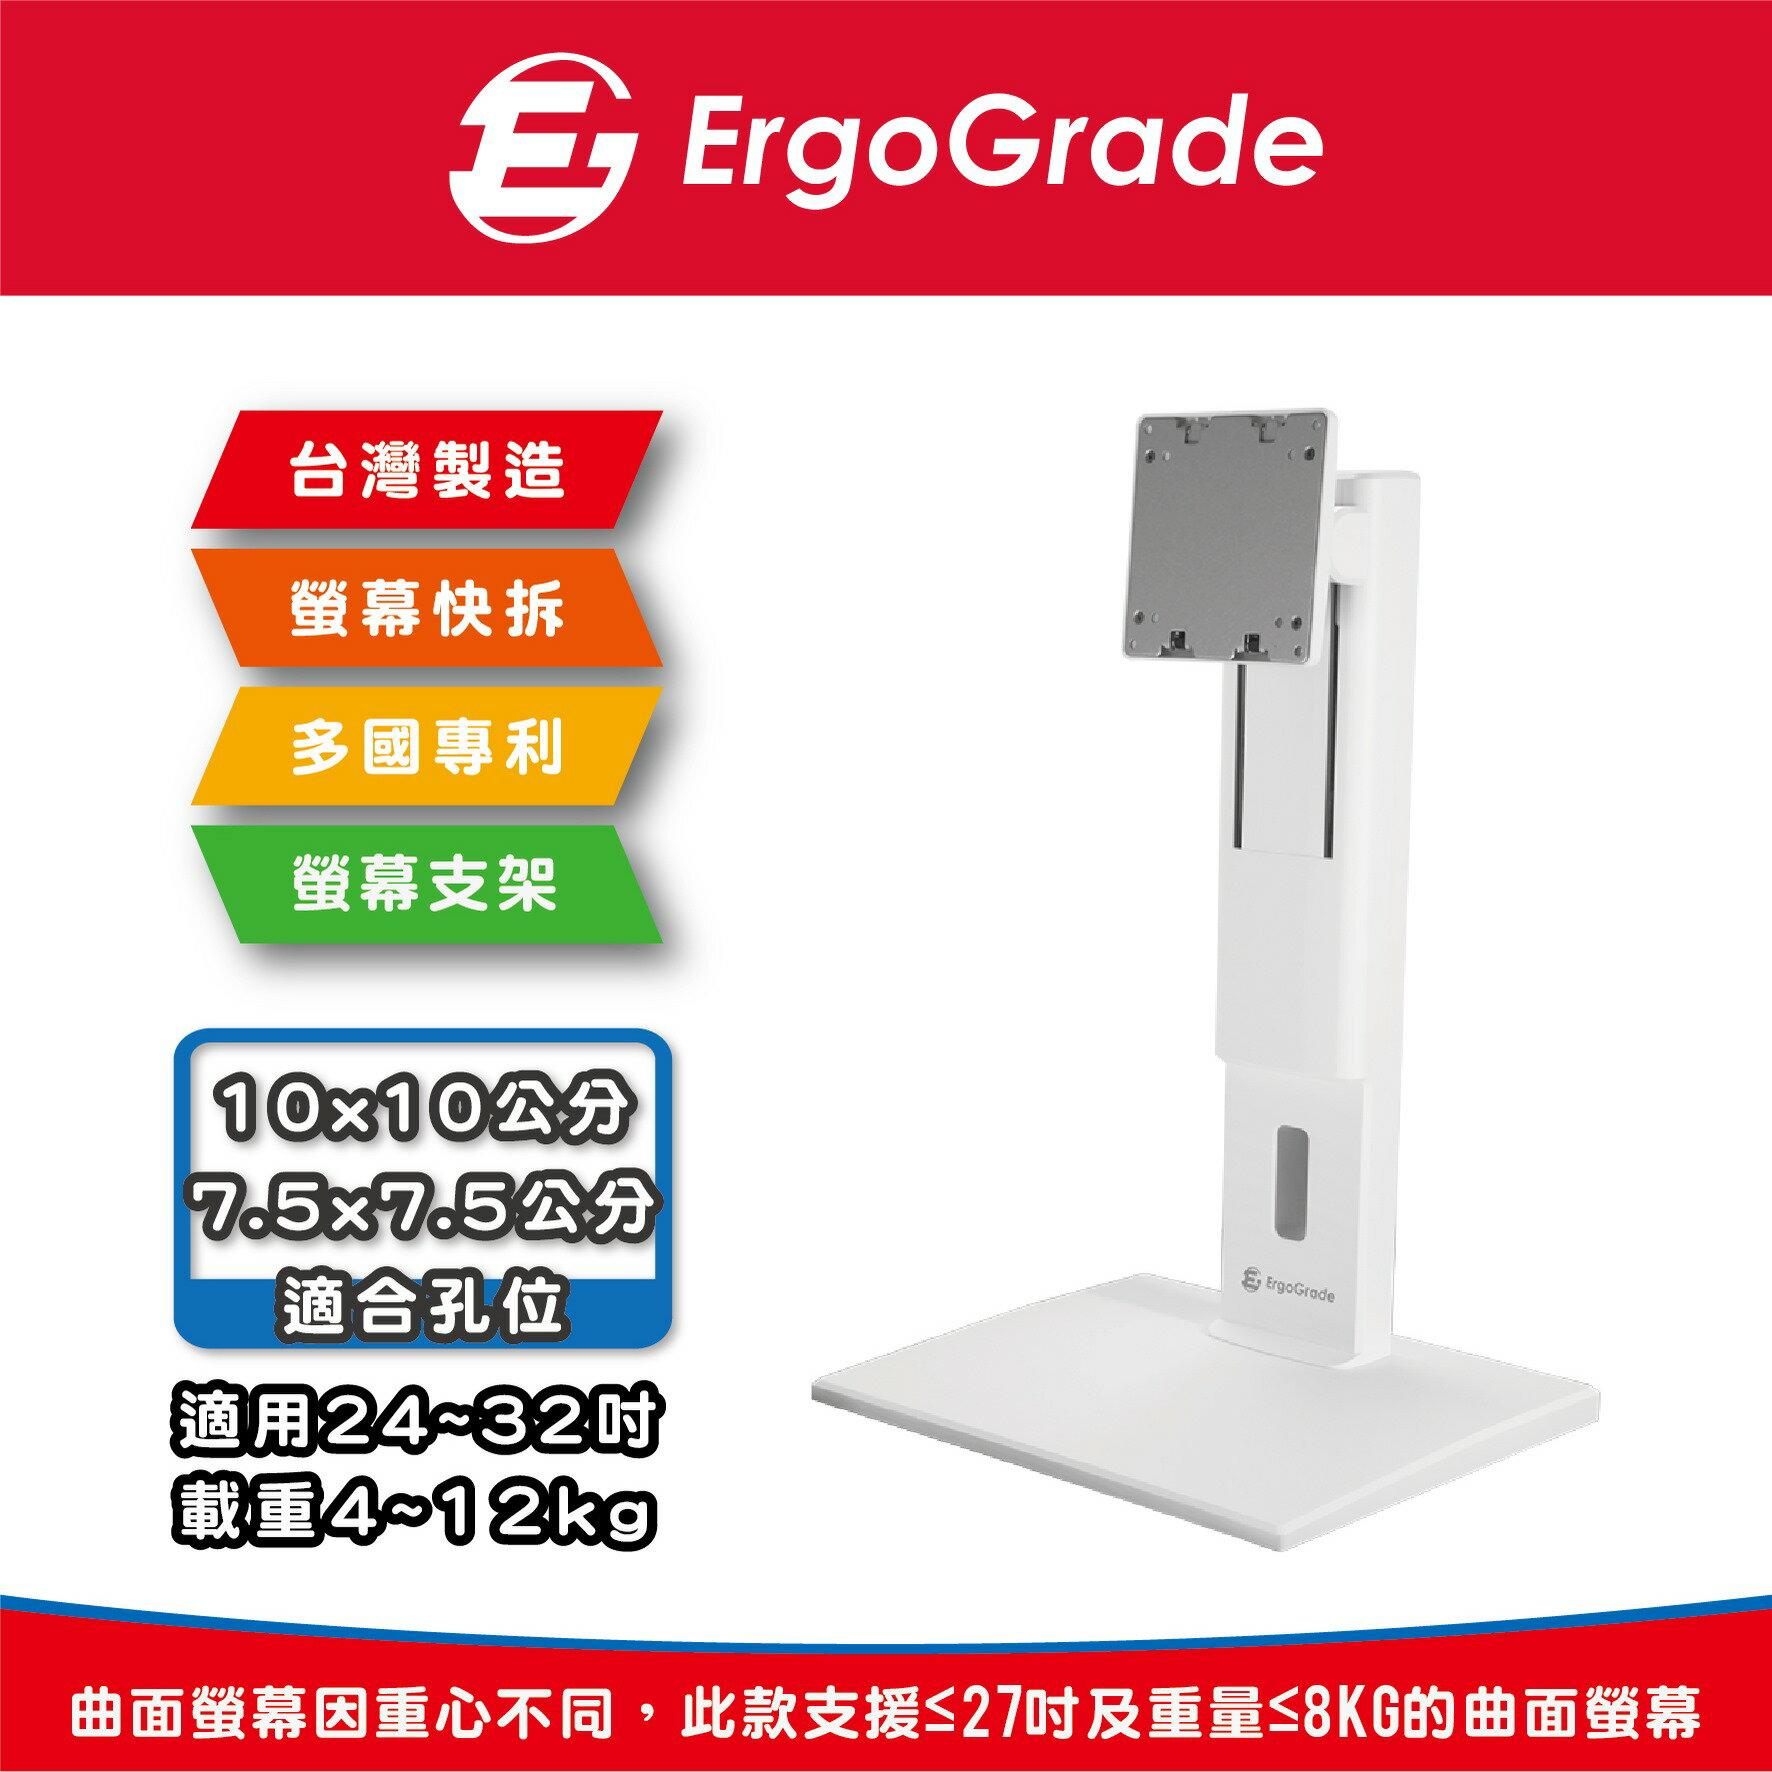 大載重旋轉升降螢幕支架(EGHA77QL白色)/桌上型/支架/升降增高可調/旋轉